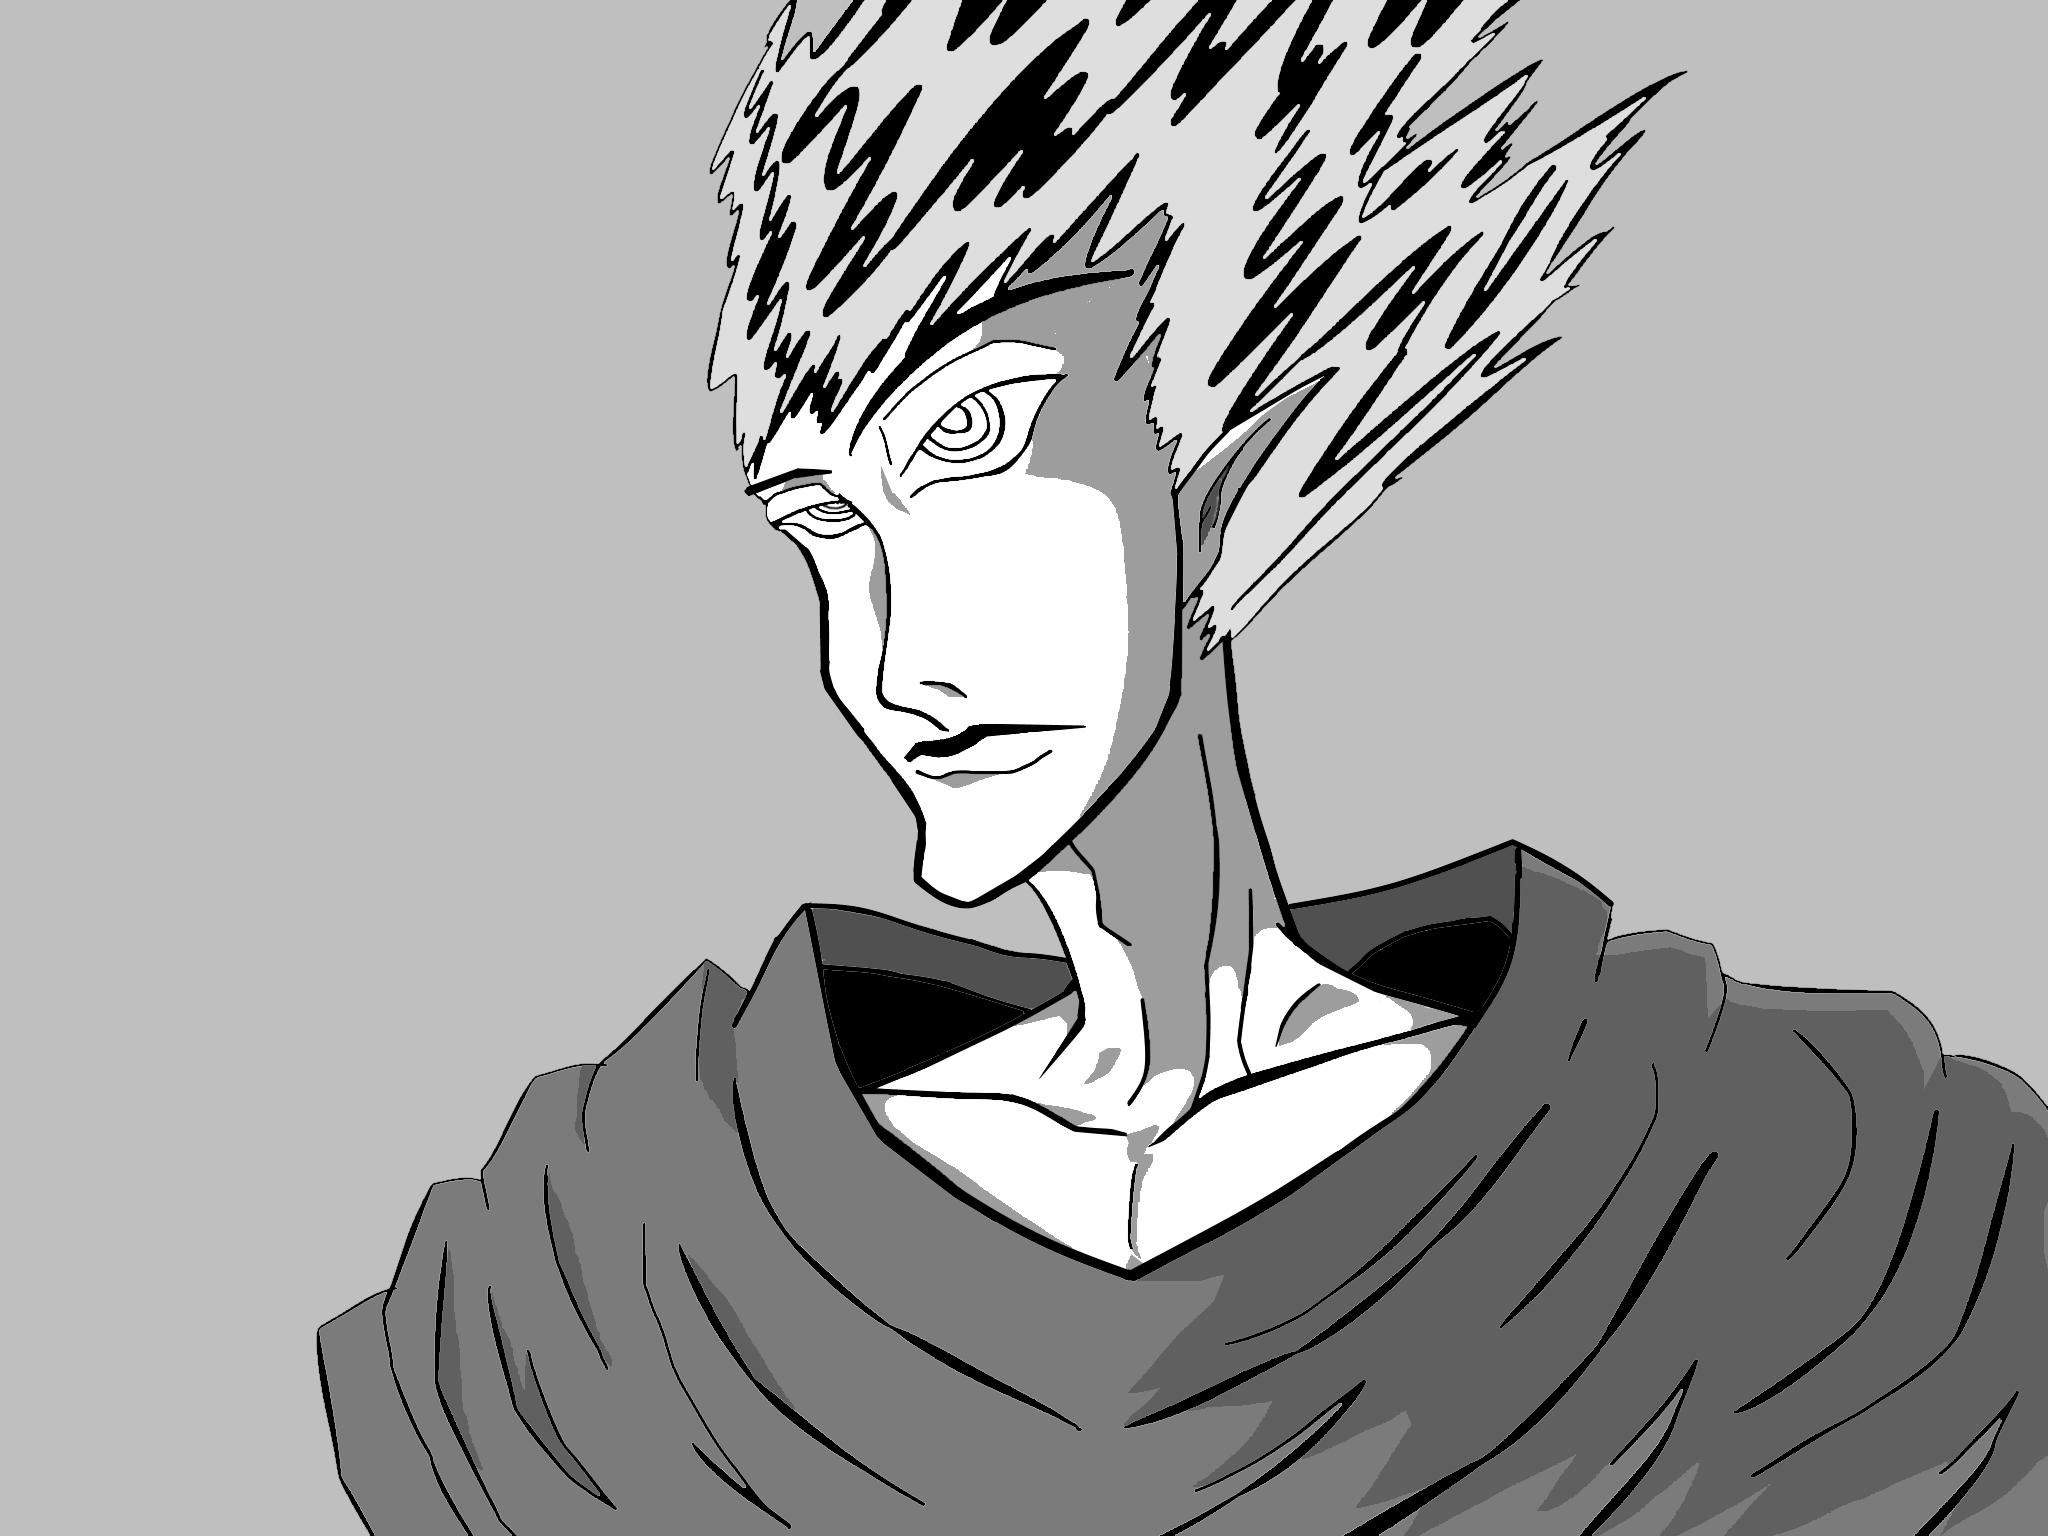 Draw05 by ItelHad